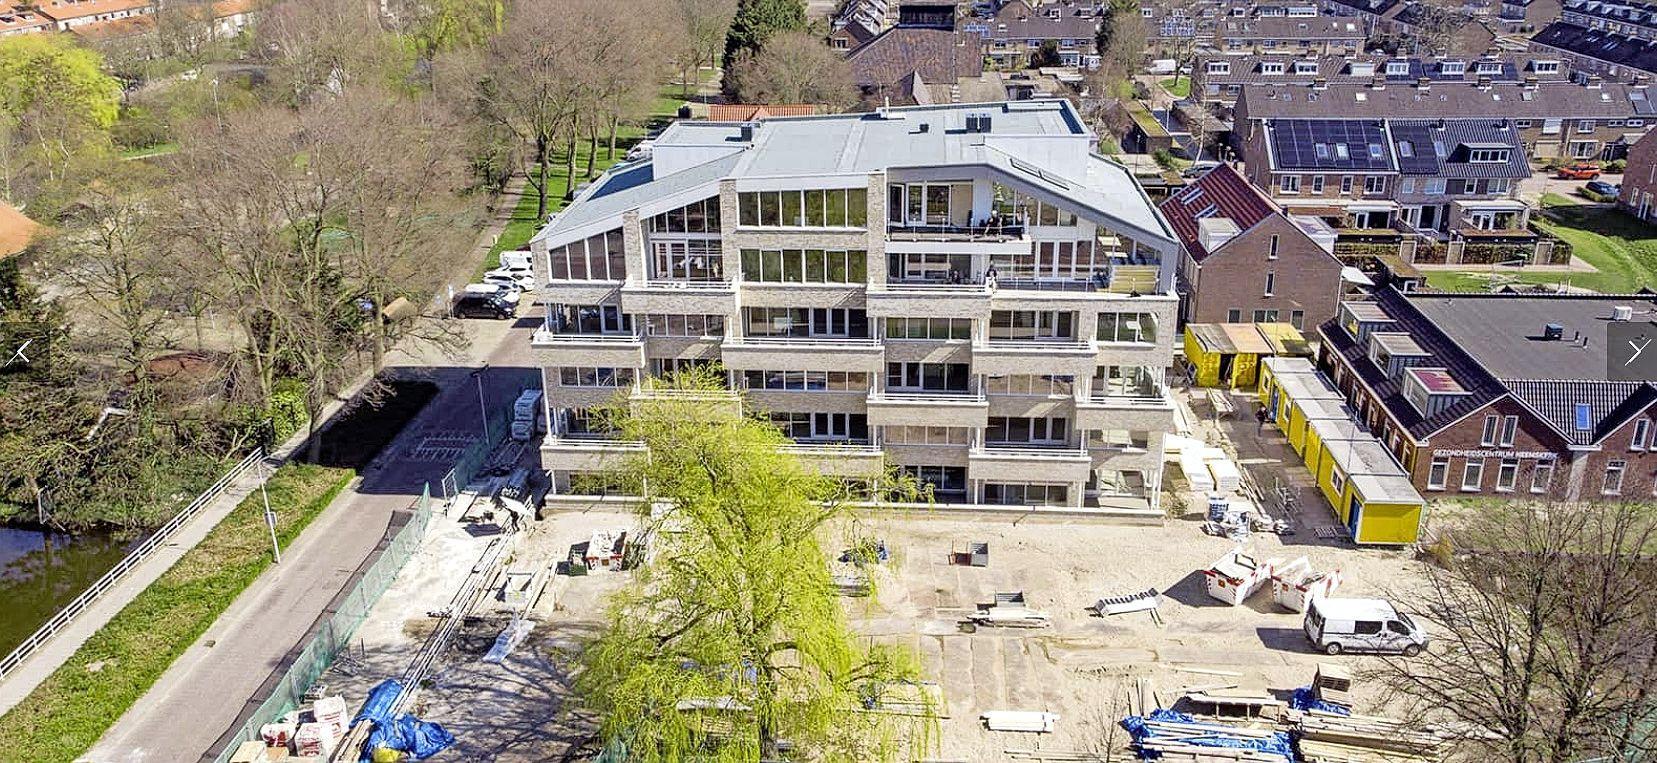 Appartementen met een huurprijs vanaf 1.615 euro per maand in Heemskerk